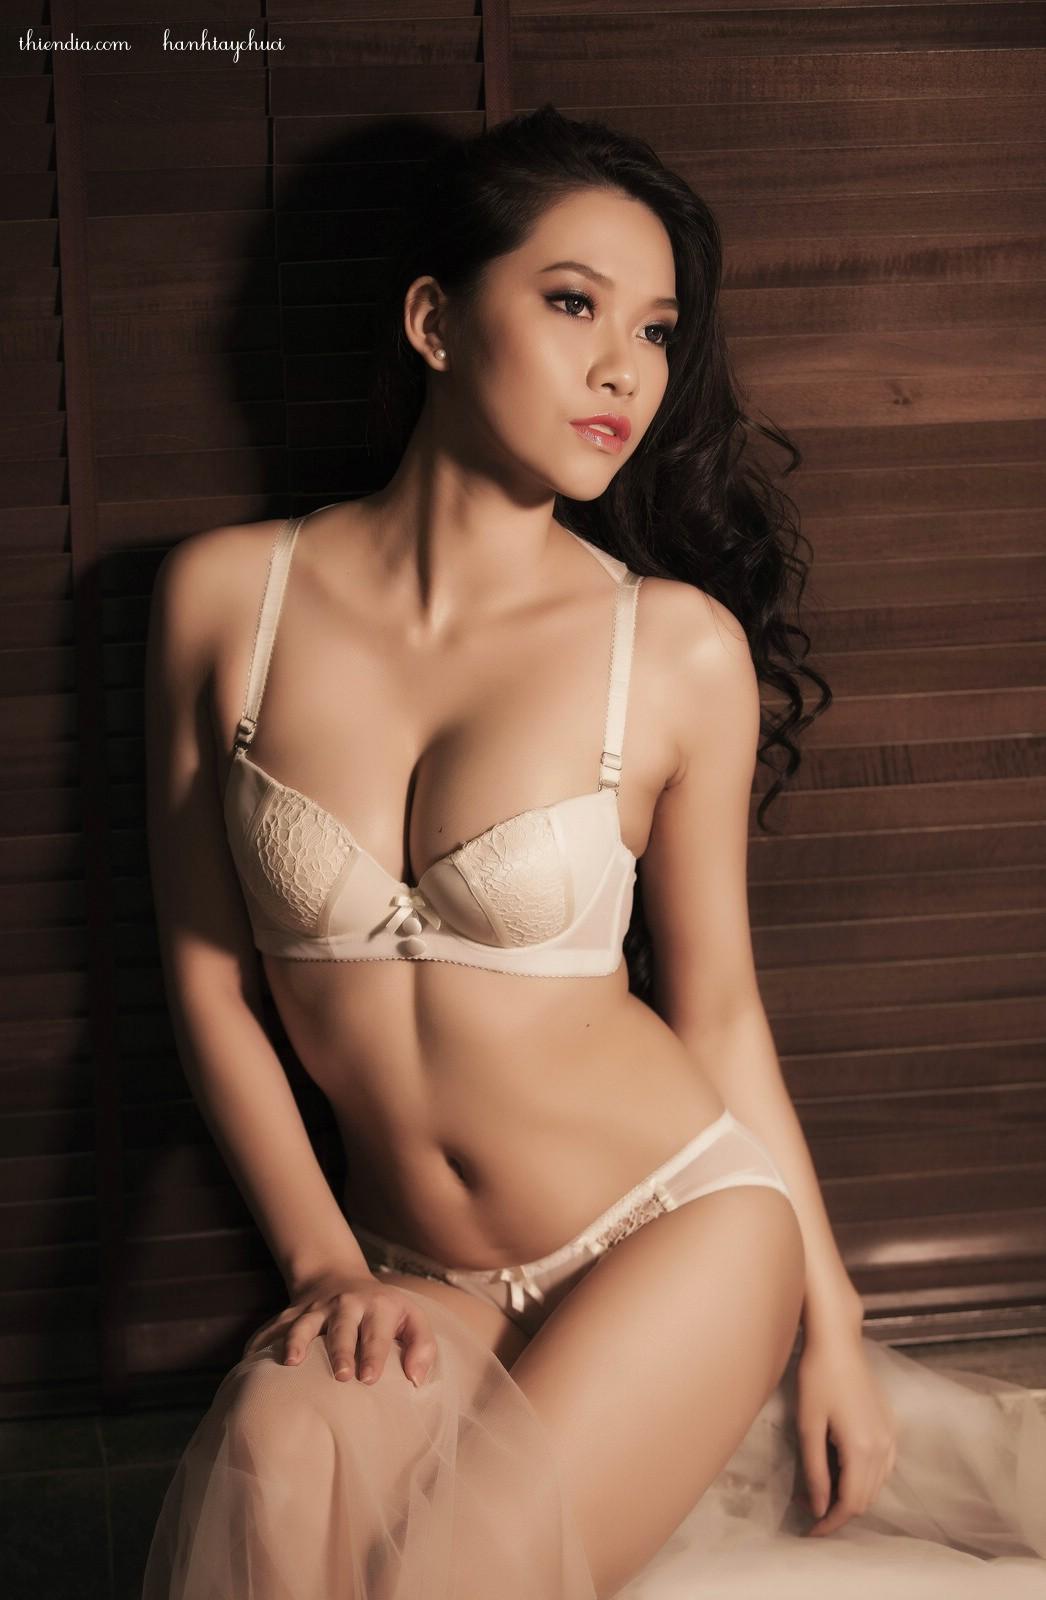 Amy Dương Sự trở lại ngọt ngào 10